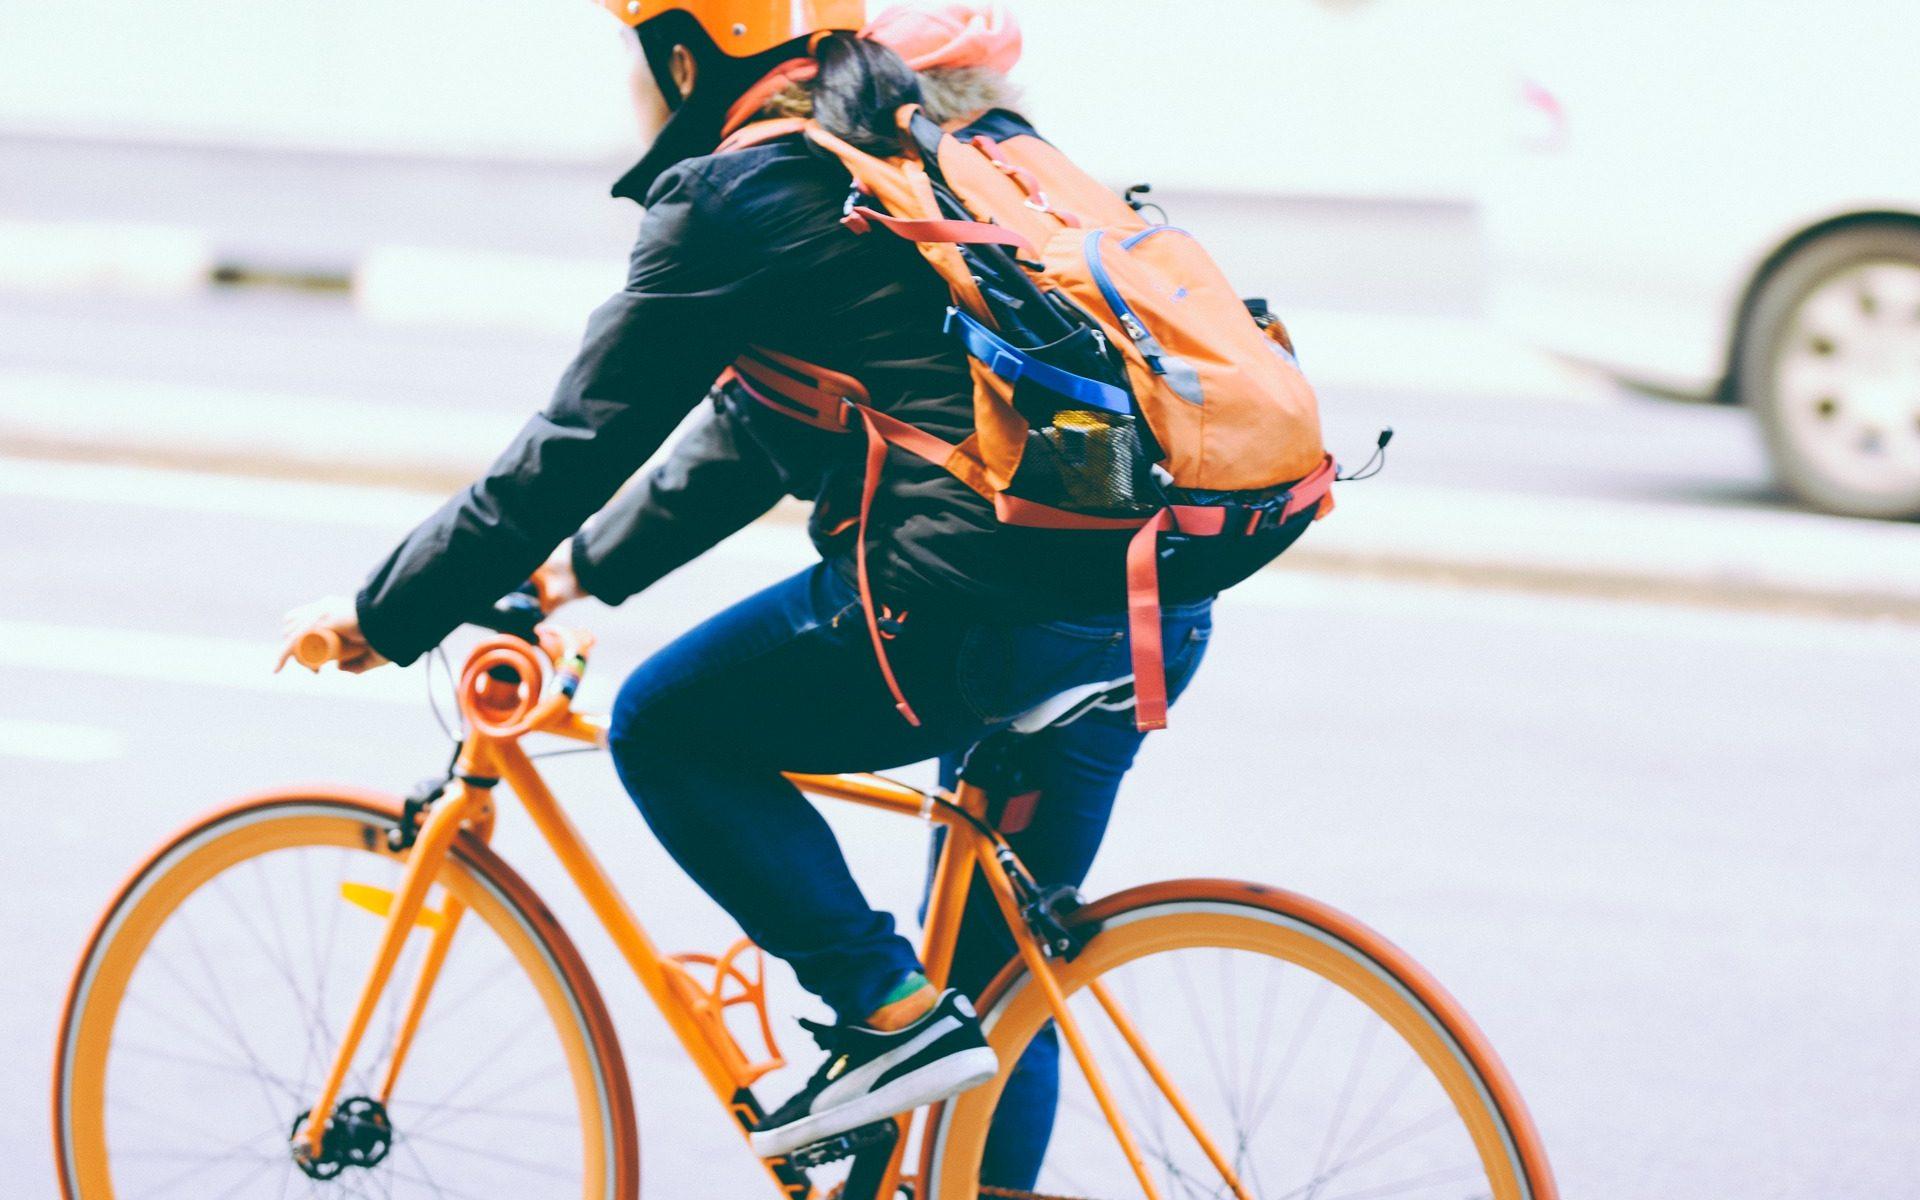 Fahrradstraße statt Tempo 30